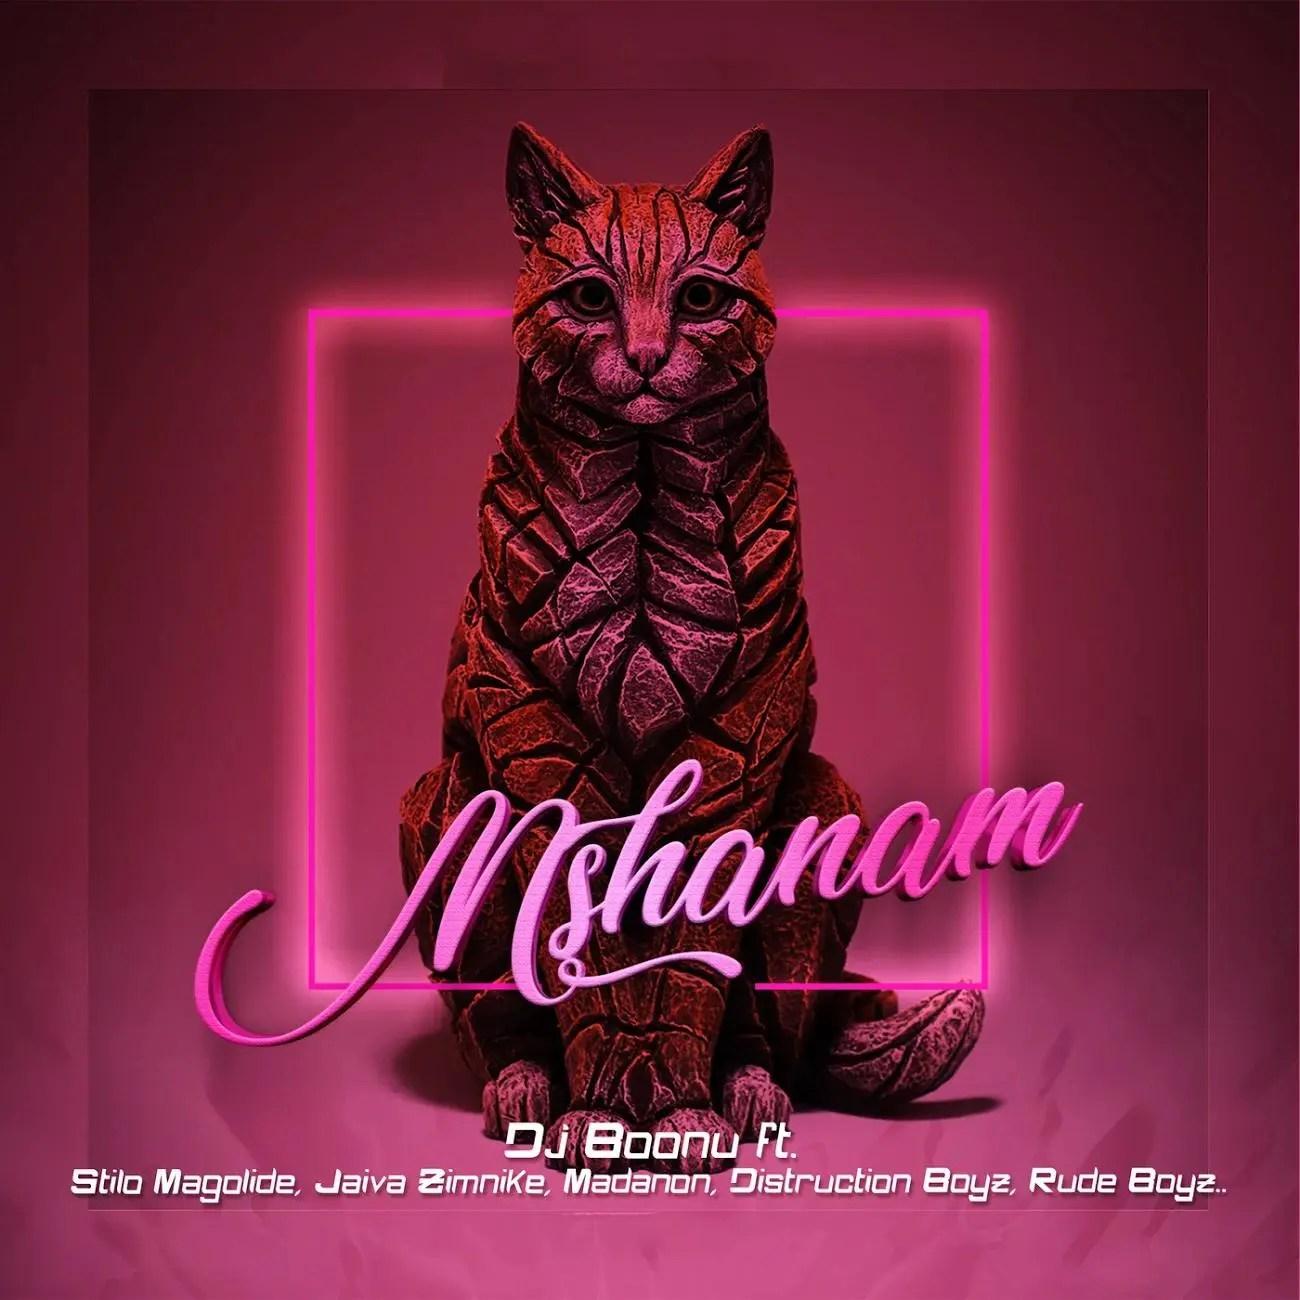 Mshanam (feat. Distruction Boyz, Rude Boyz